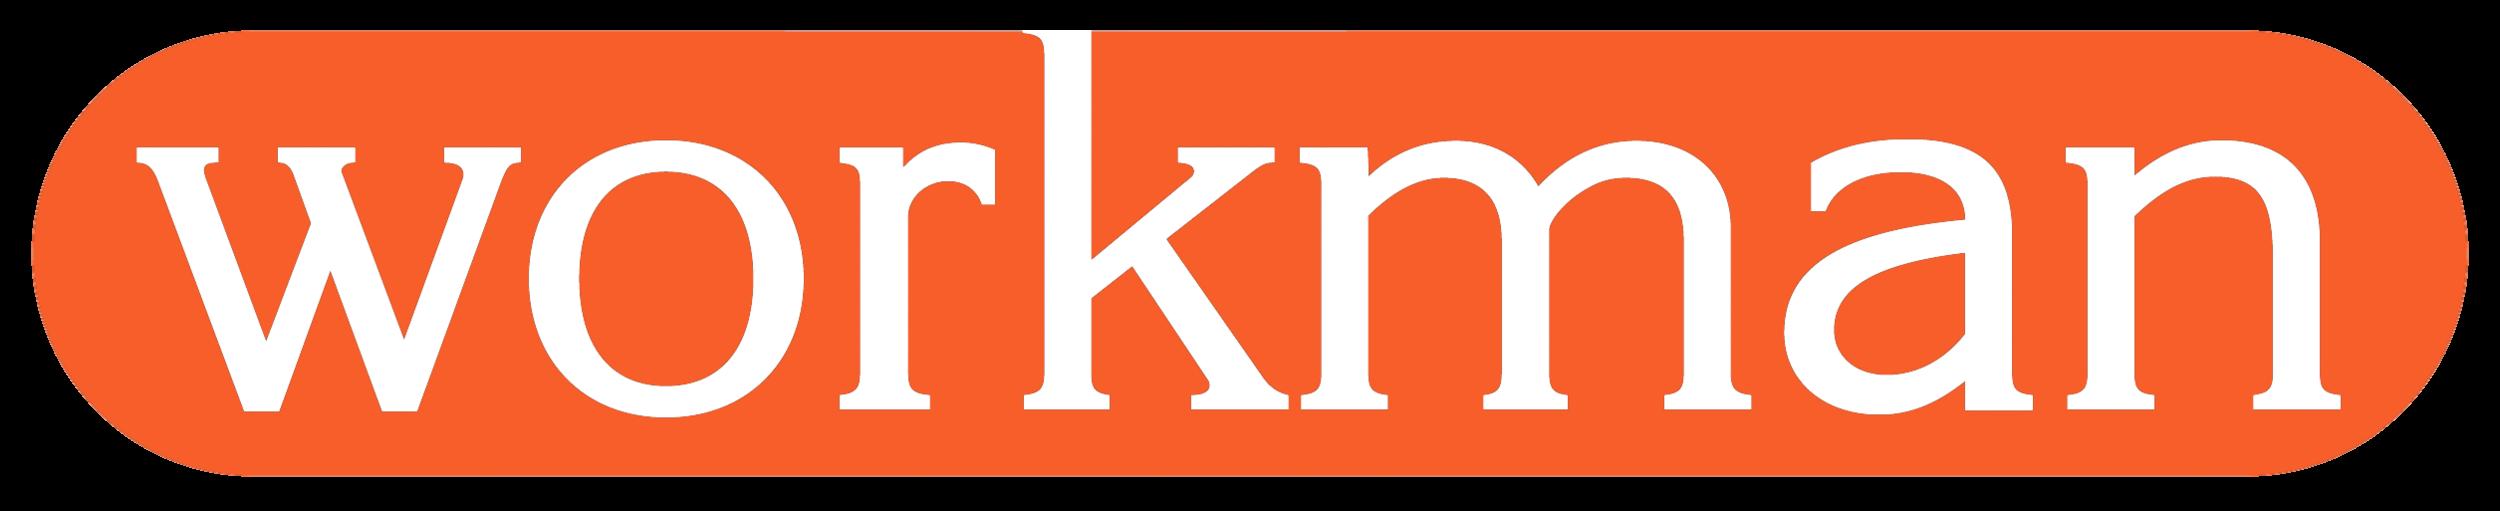 workman orange logo.png